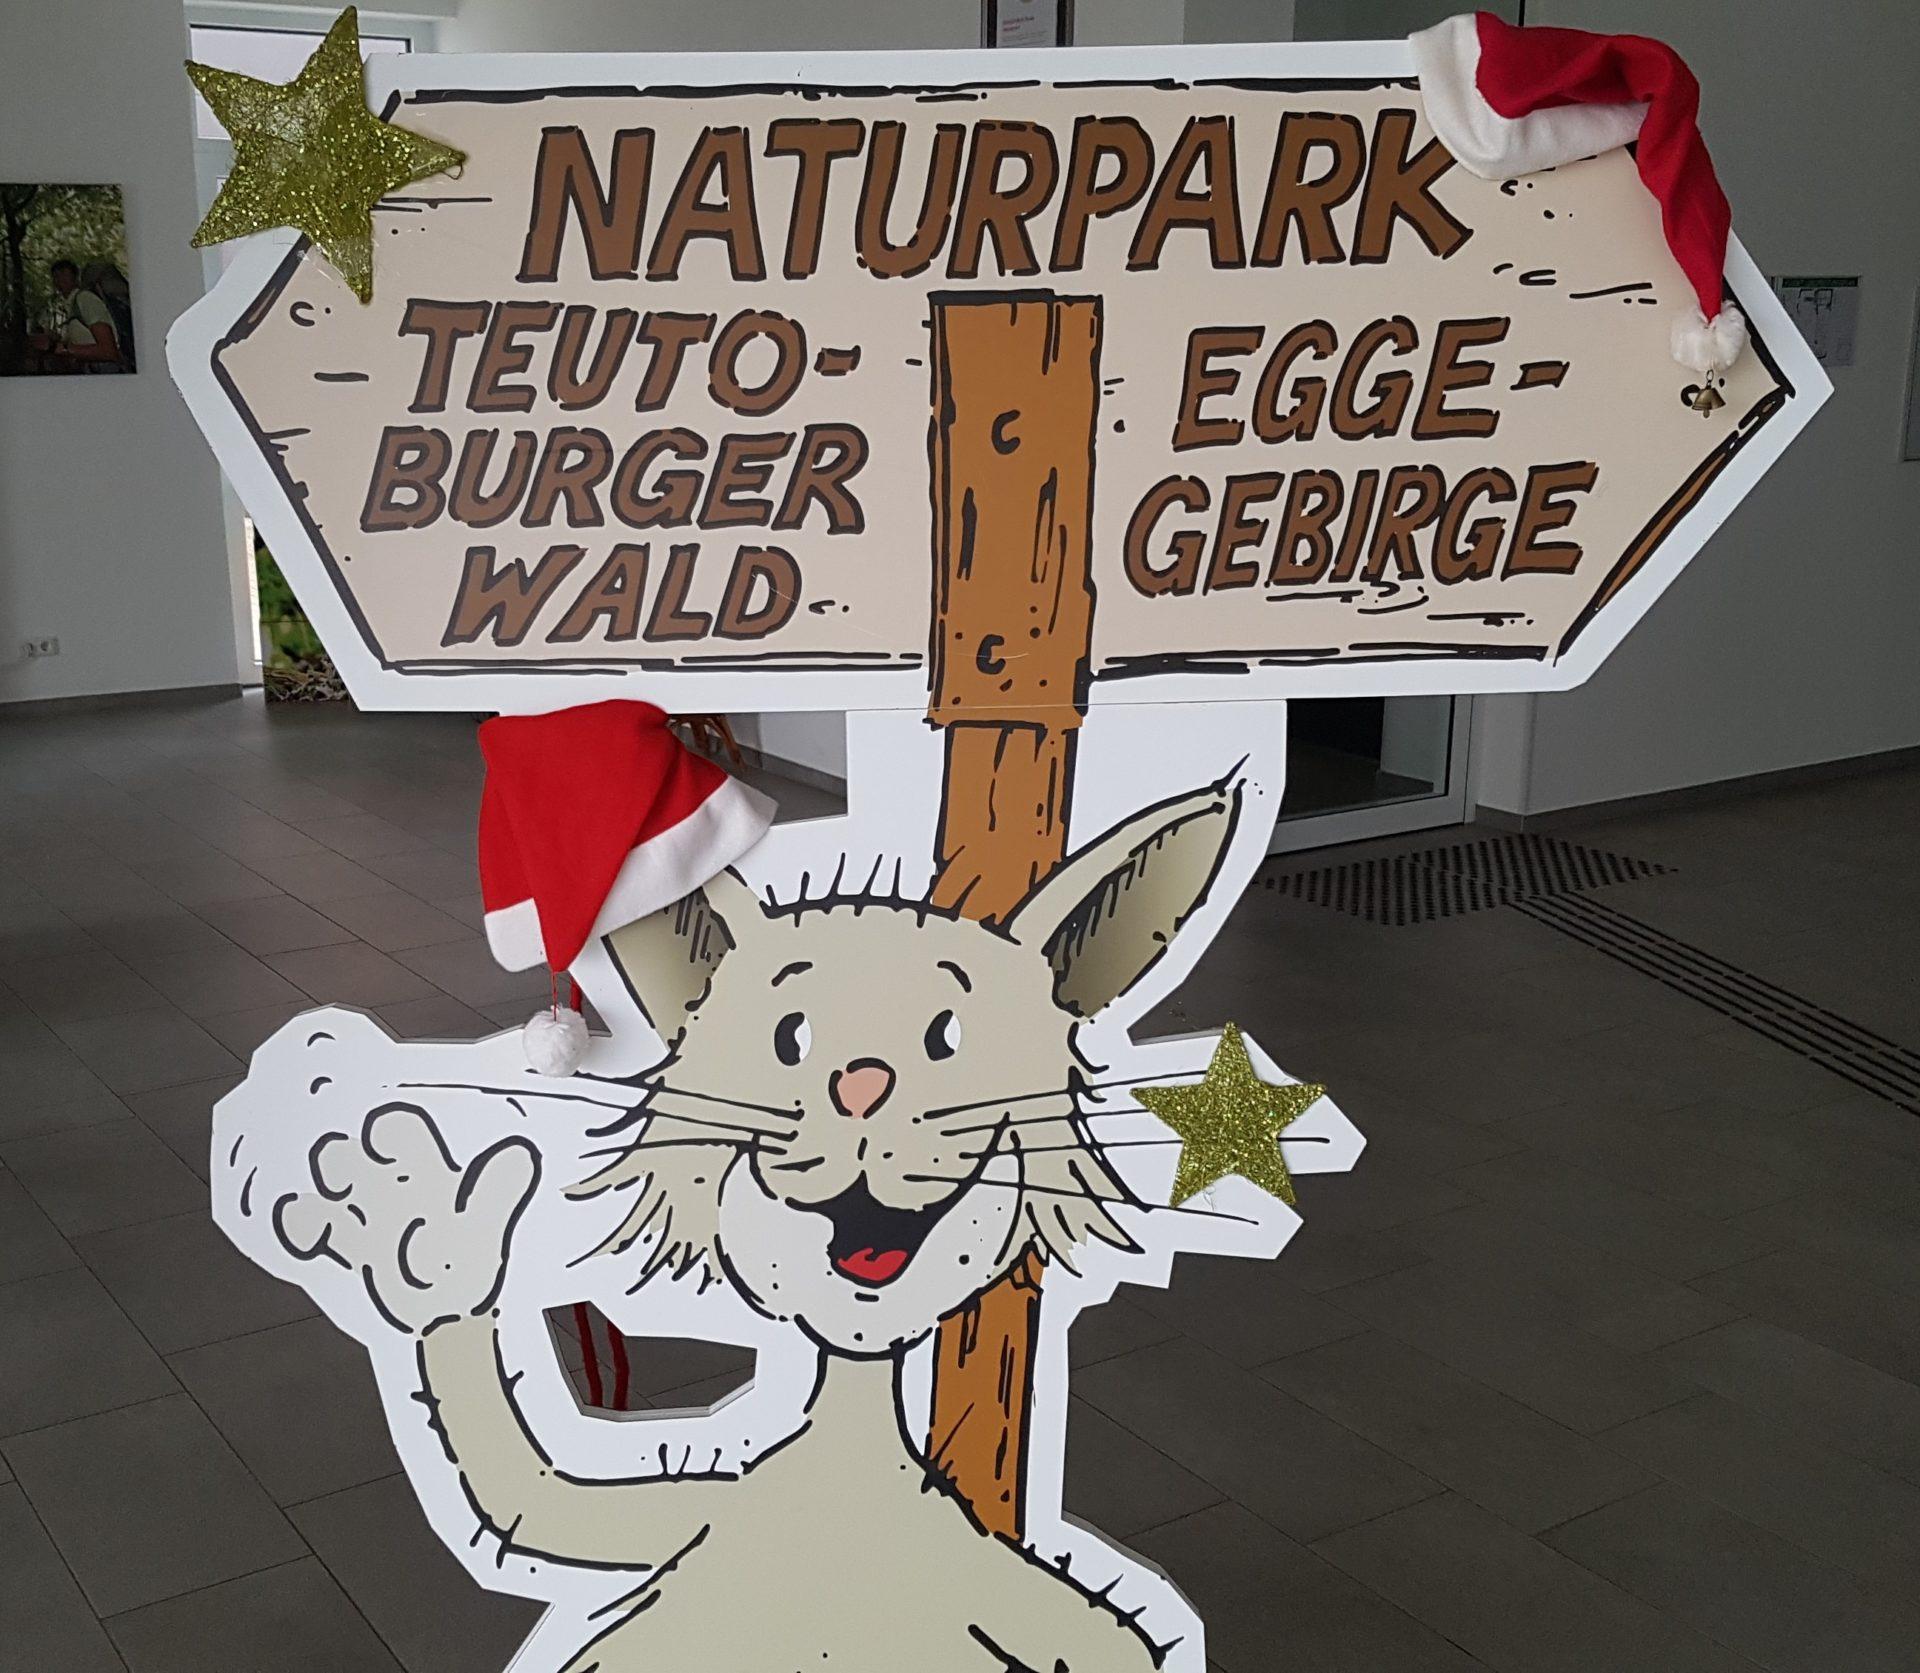 """Pappaufsteller der gezeichneten Wildkatze """"Teutus"""" winkend am Aufsteller Naturpark Teutoburgerwald/ Eggegebirge"""